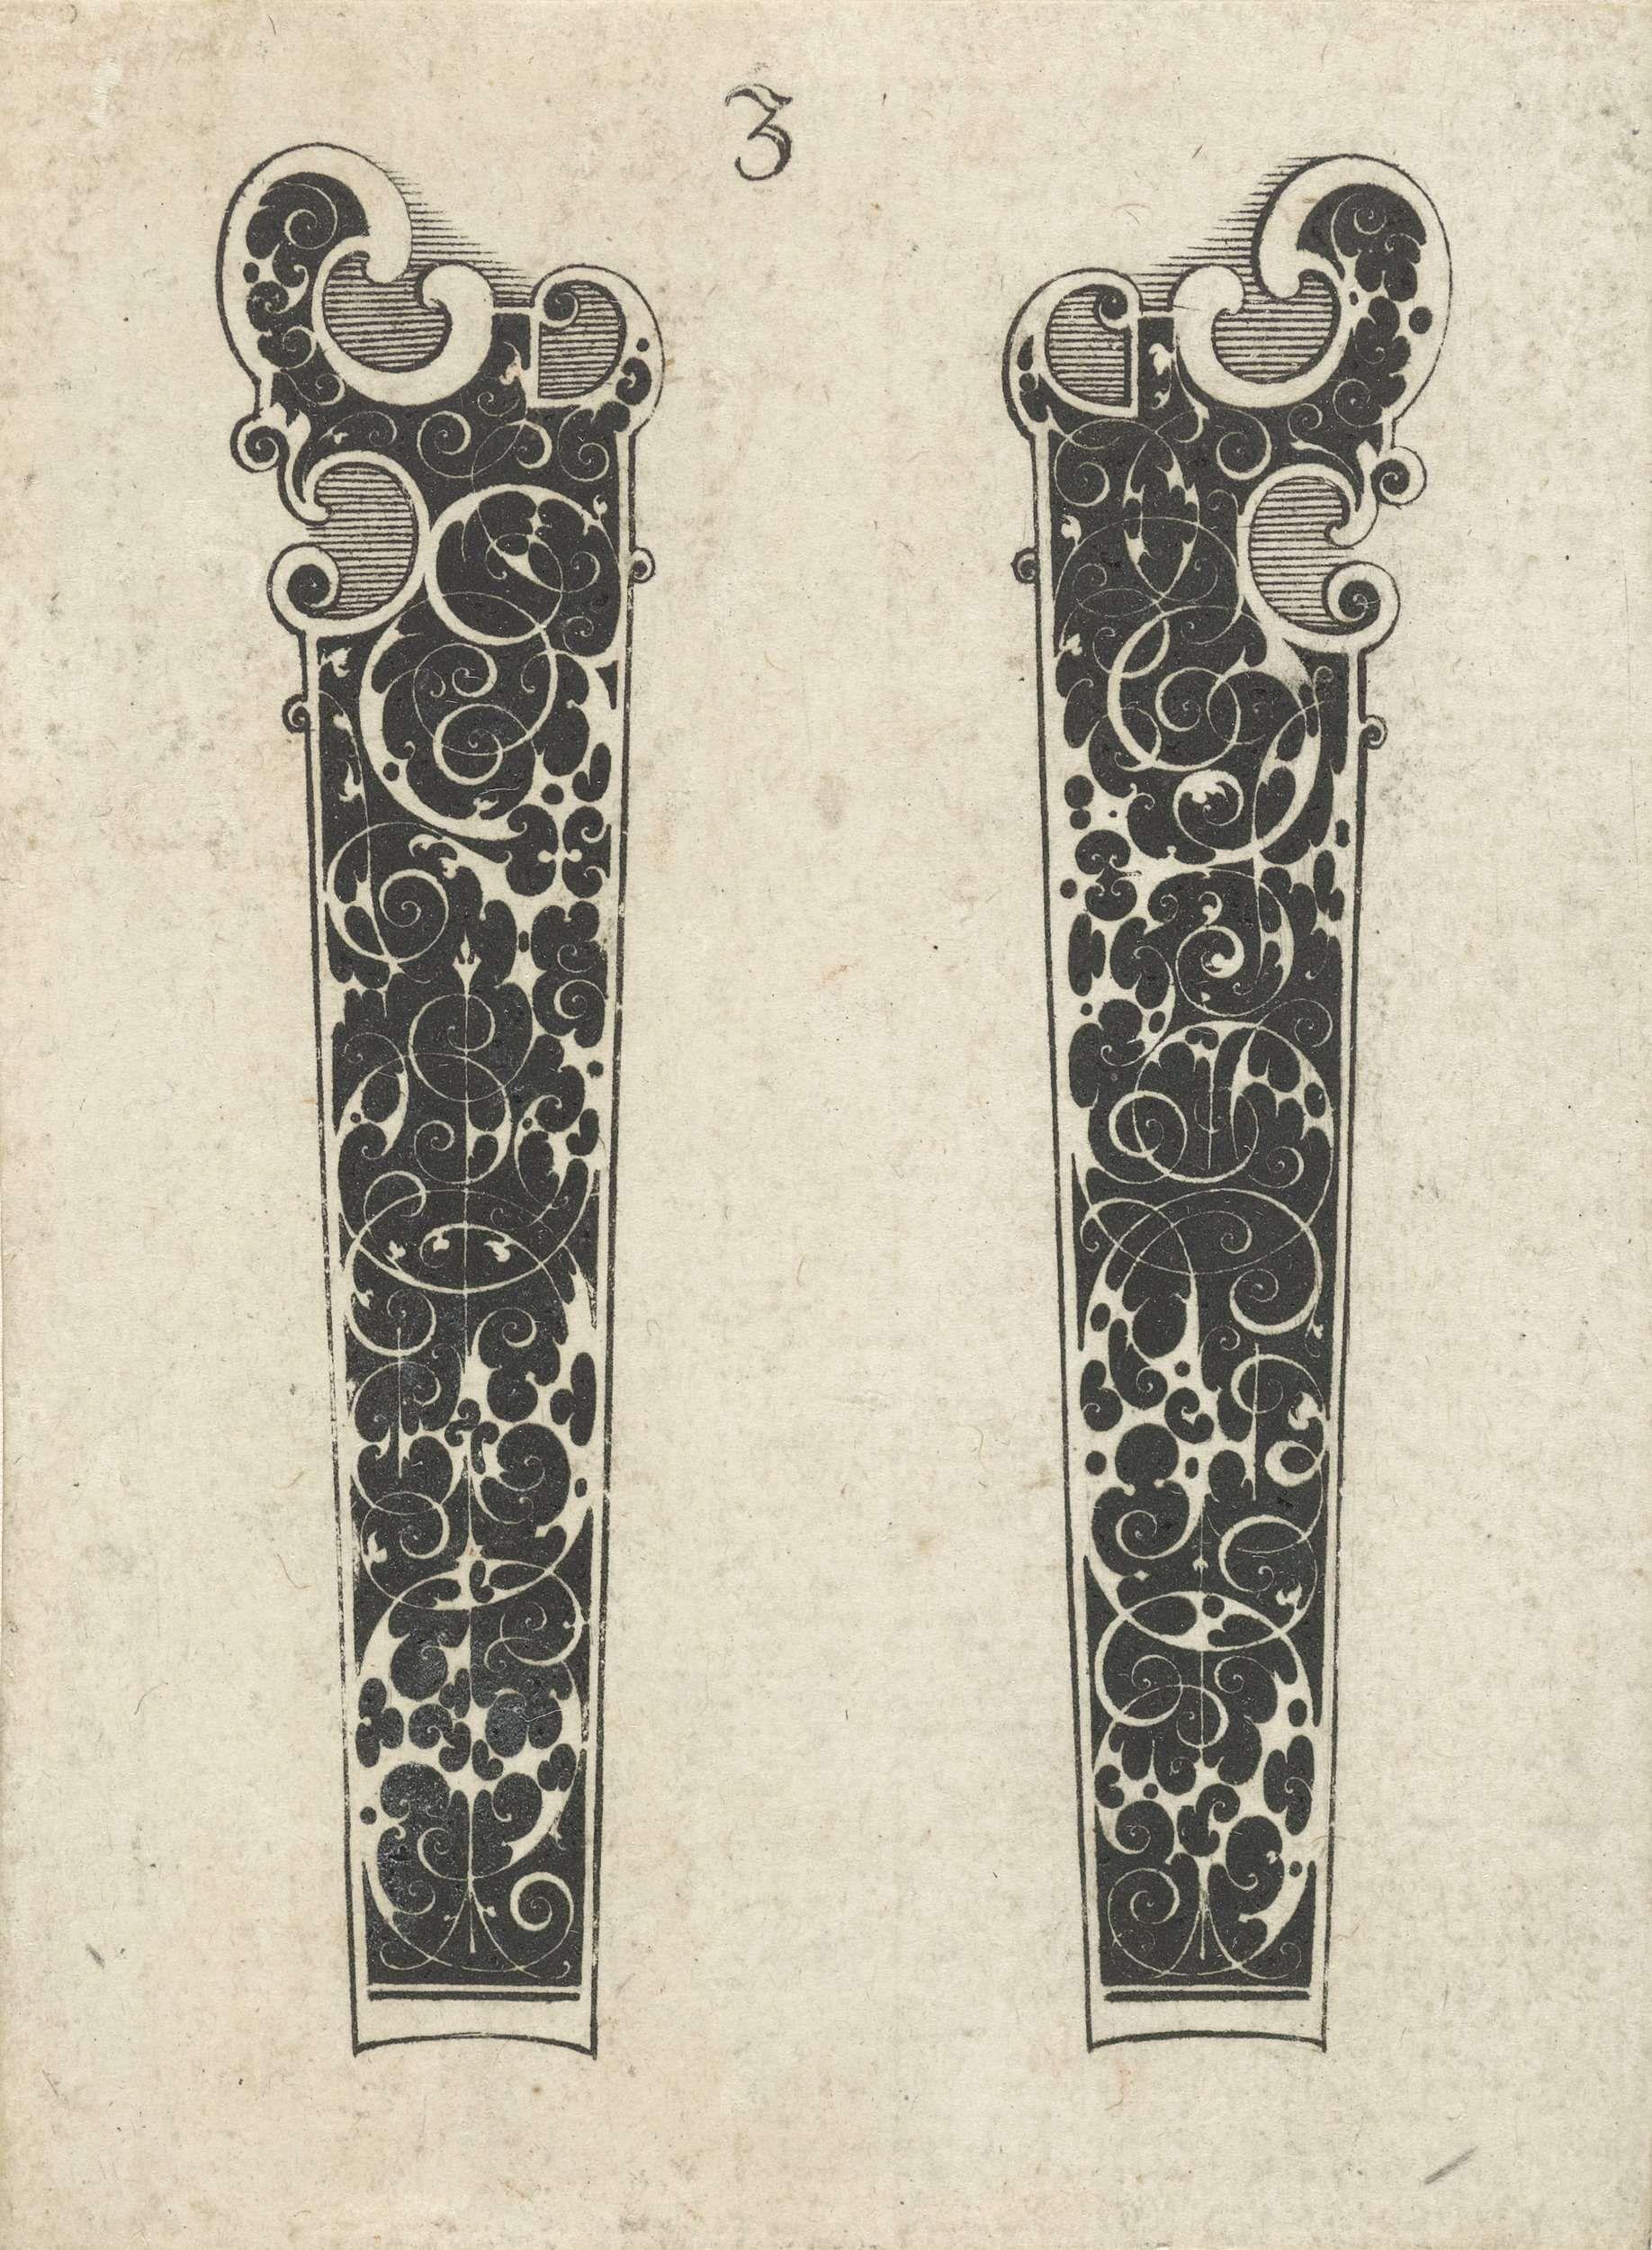 Michiel le Blon | Twee messenheften, Michiel le Blon, 1597 - c. 1625 | Op elk blad uit deze serie staan twee messenheften naast elkaar afgebeeld, gedecoreerd met Schweifwerk en gestileerde ranken in wit op een zwarte ondergrond.